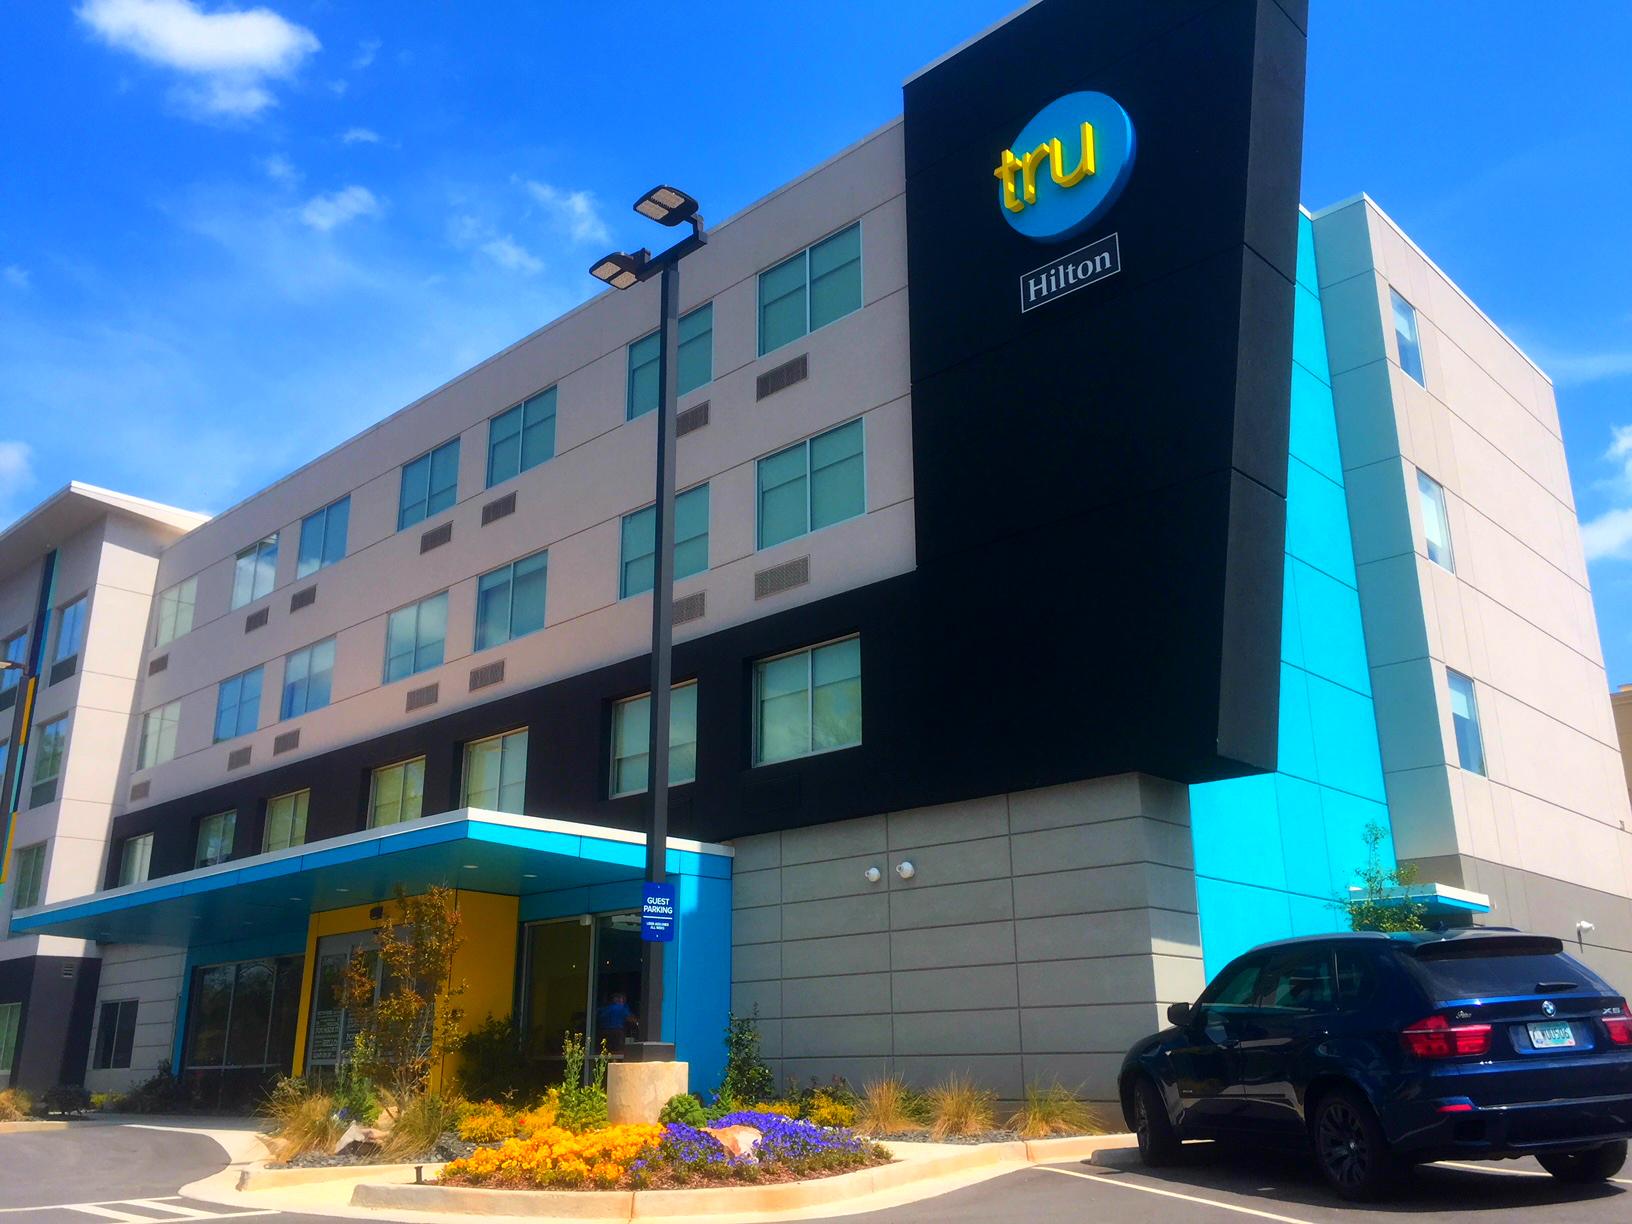 tru hotel McDonough